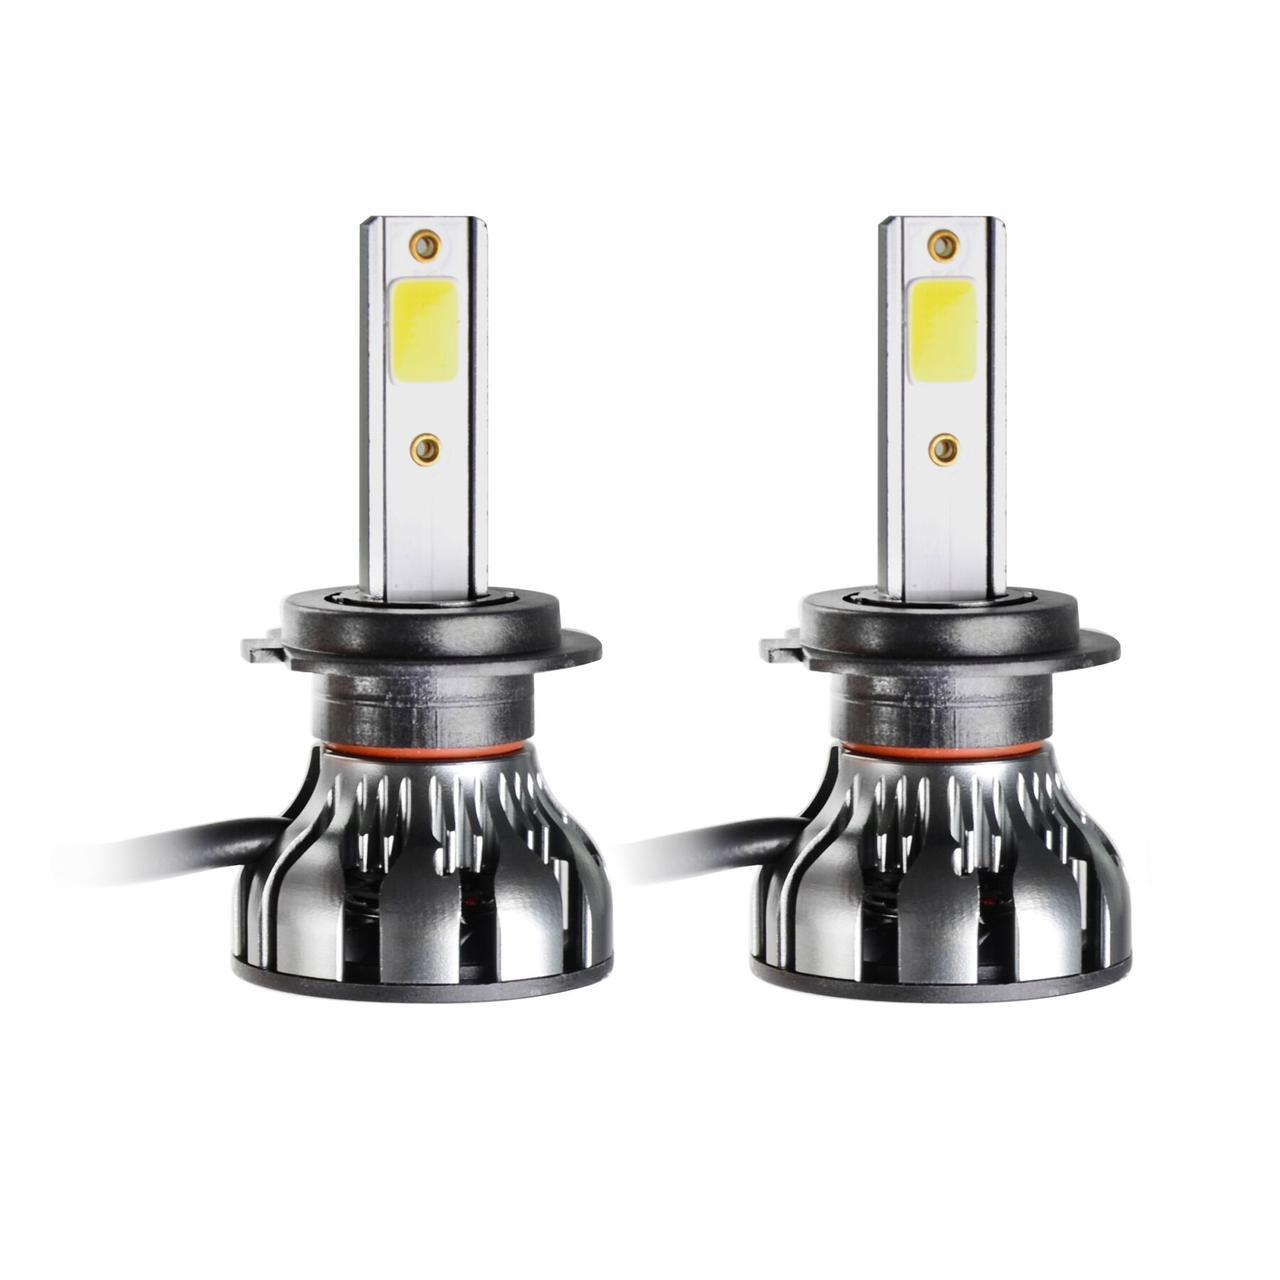 Светодиодные LED лампы MLux Grey Line H7, 26 Вт, 5000°К